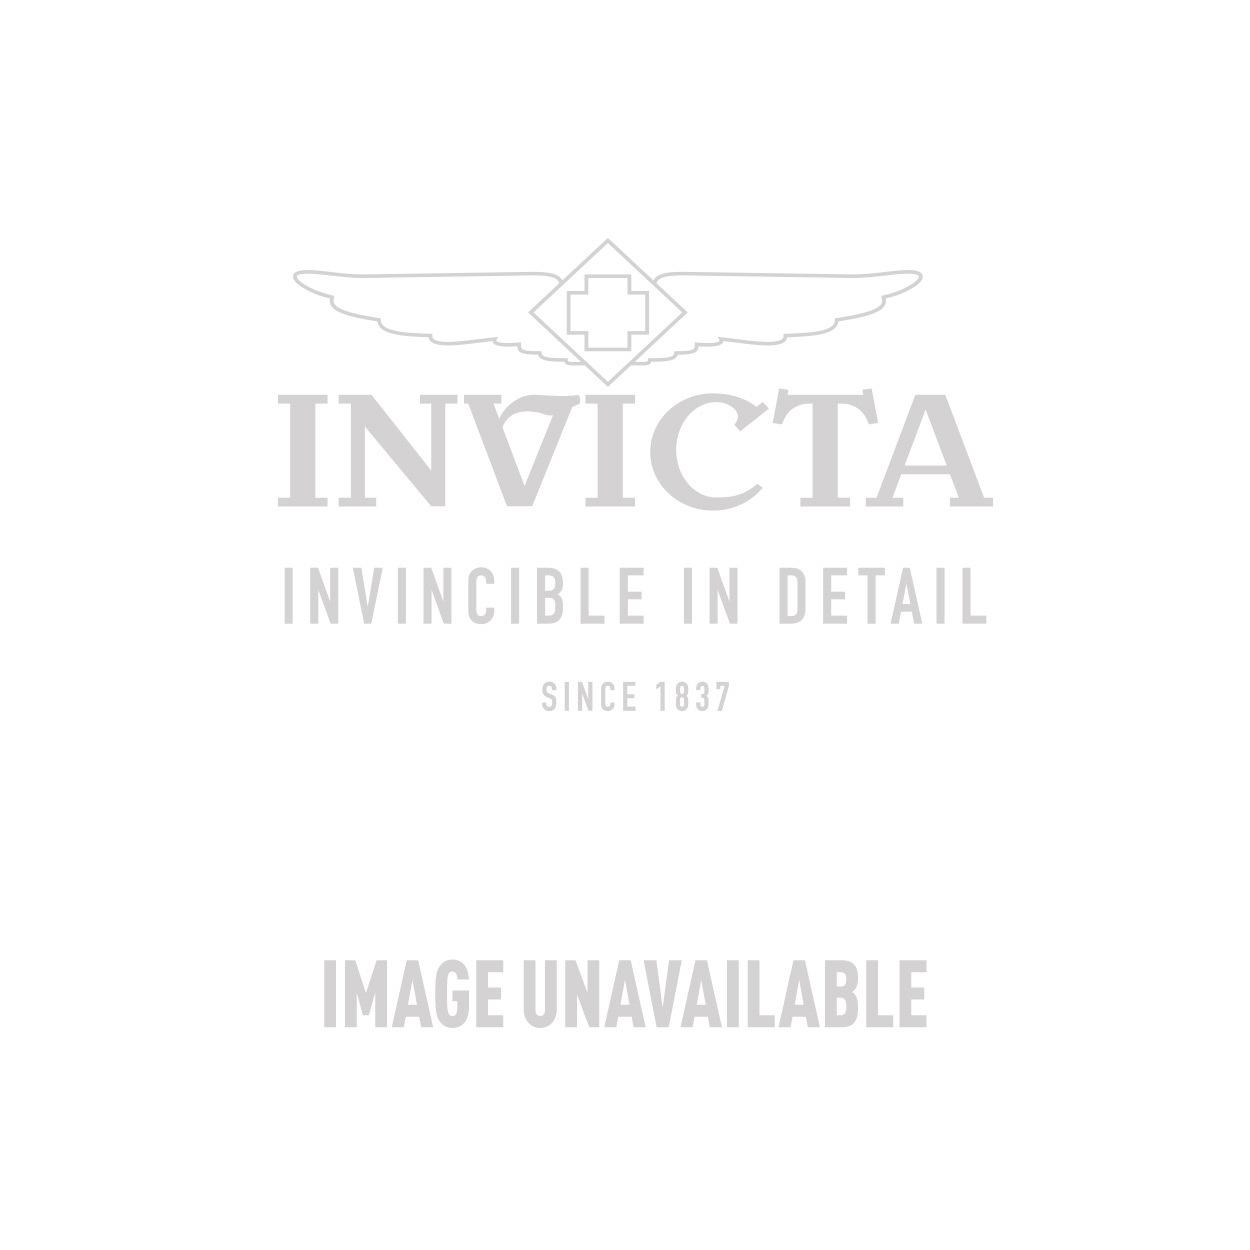 Invicta Model 25209